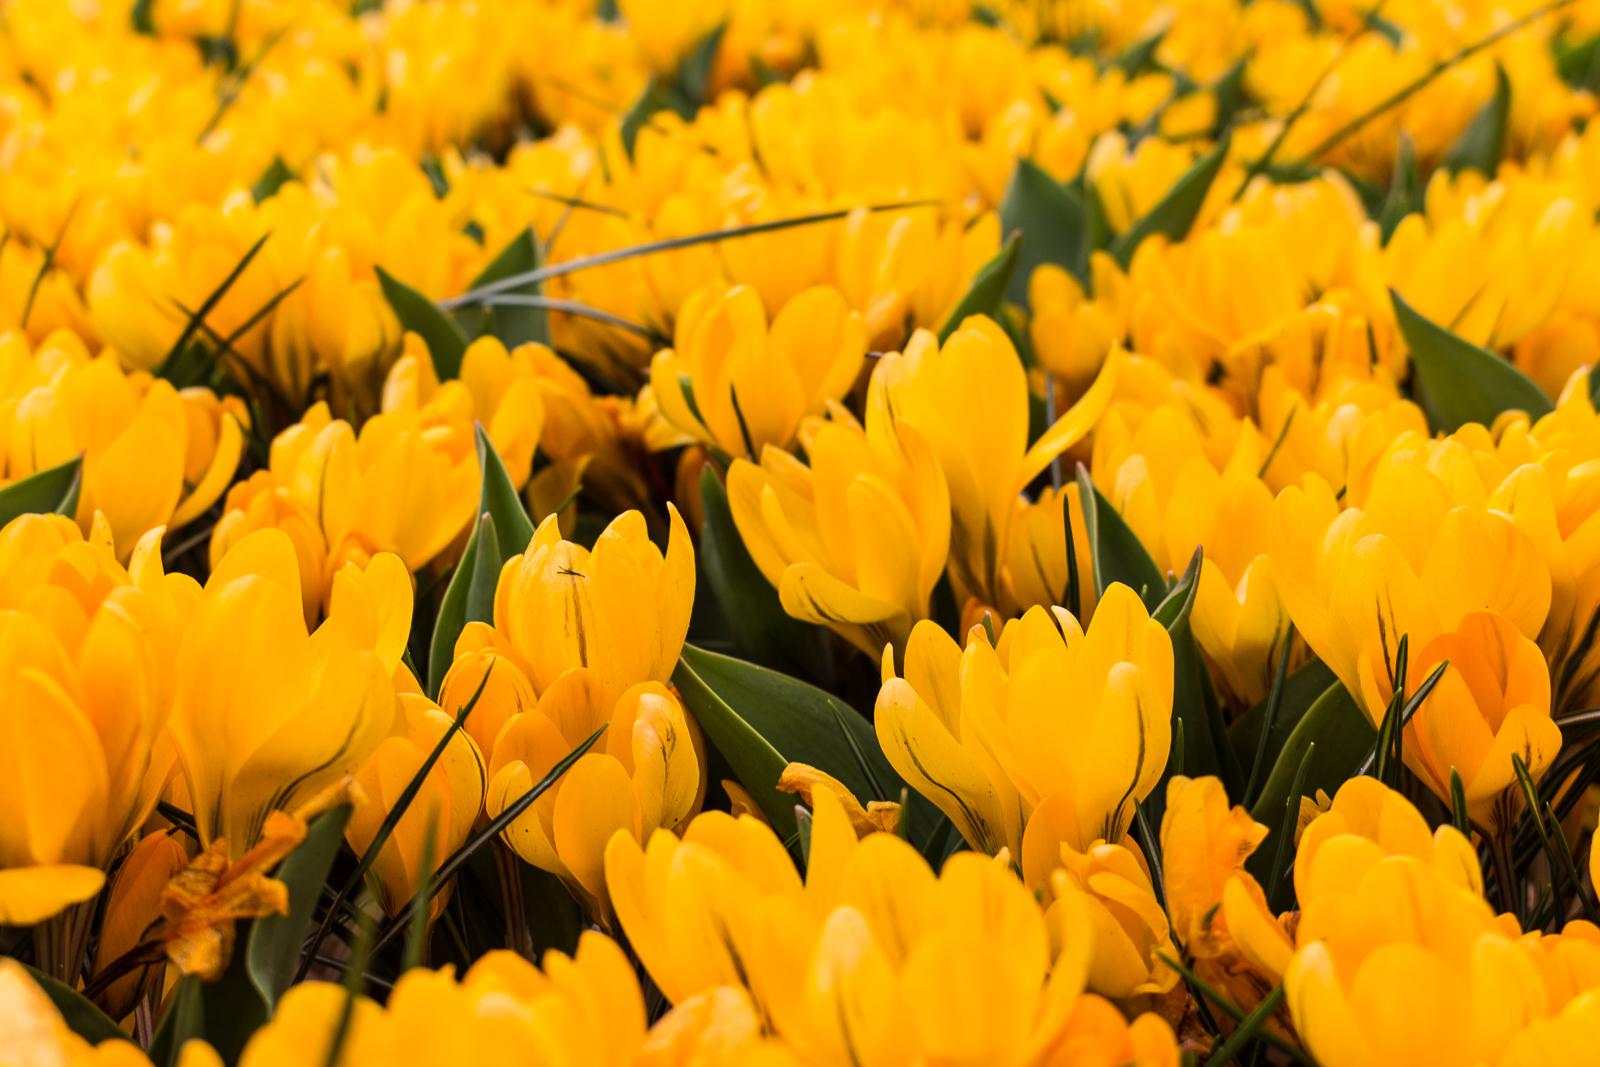 niederlande_noordwijk_keukenhof_reiseblog-2849